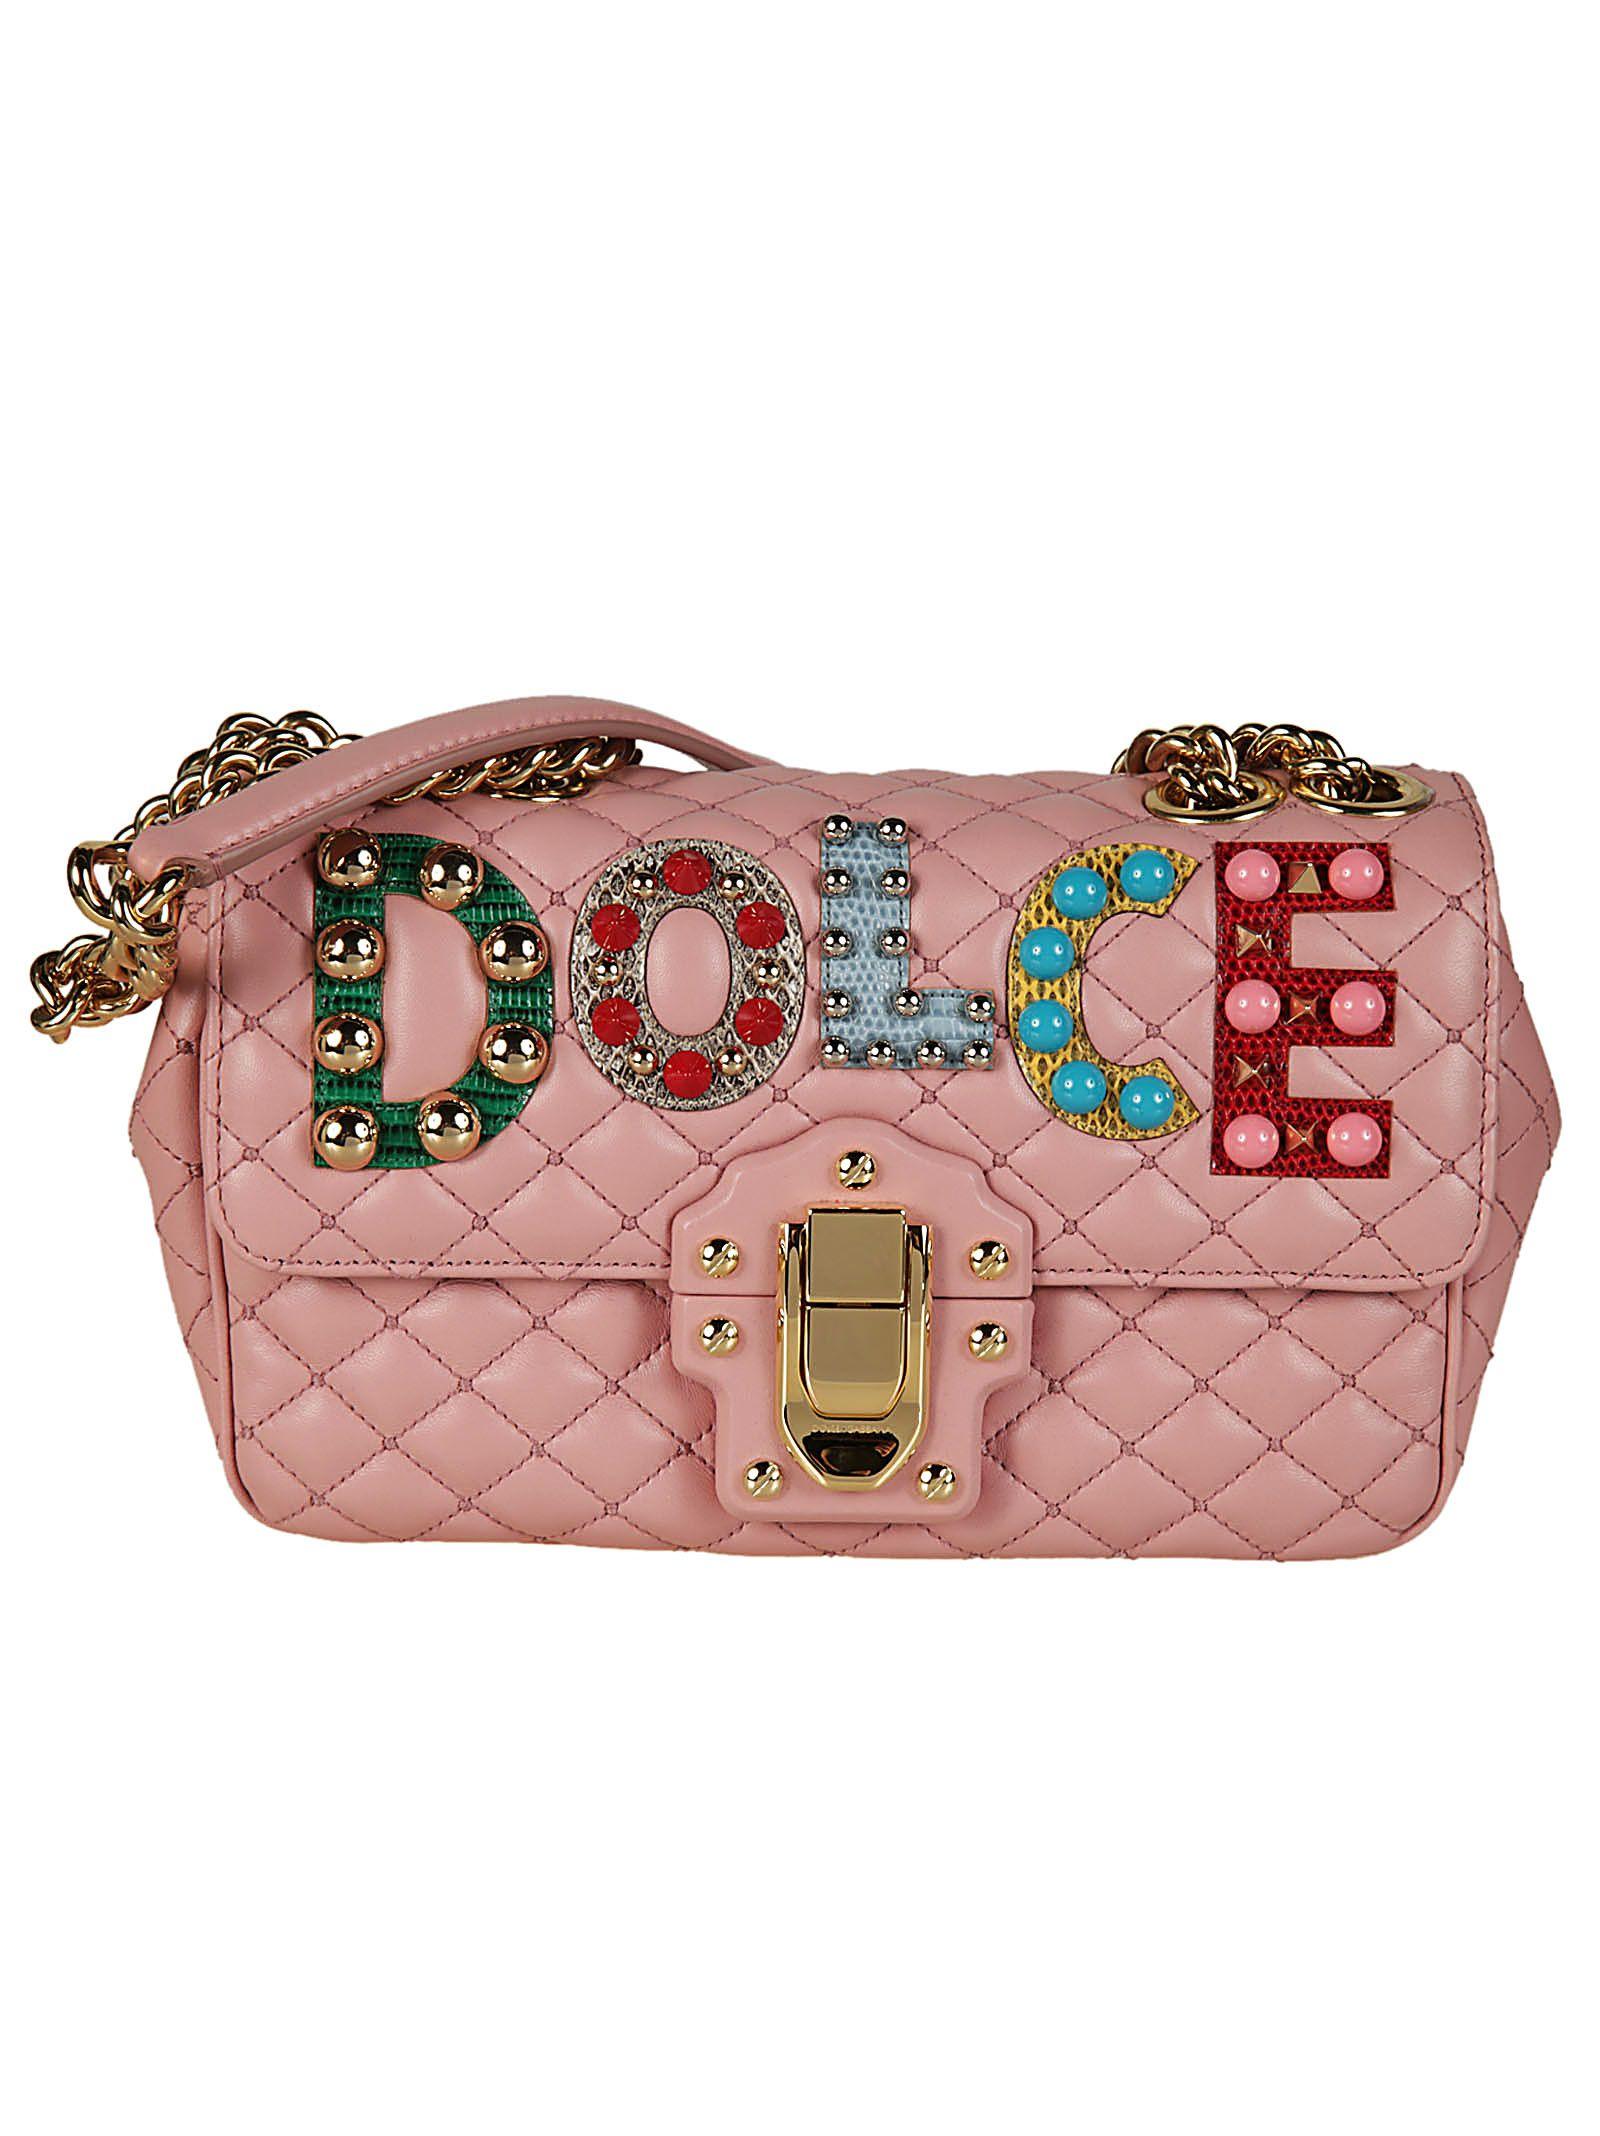 Dolce & Gabbana Lucia Sac À Bandoulière Matelassée - Rose Et Violet Choisir Une Meilleure Ligne 3y8VJsIuy